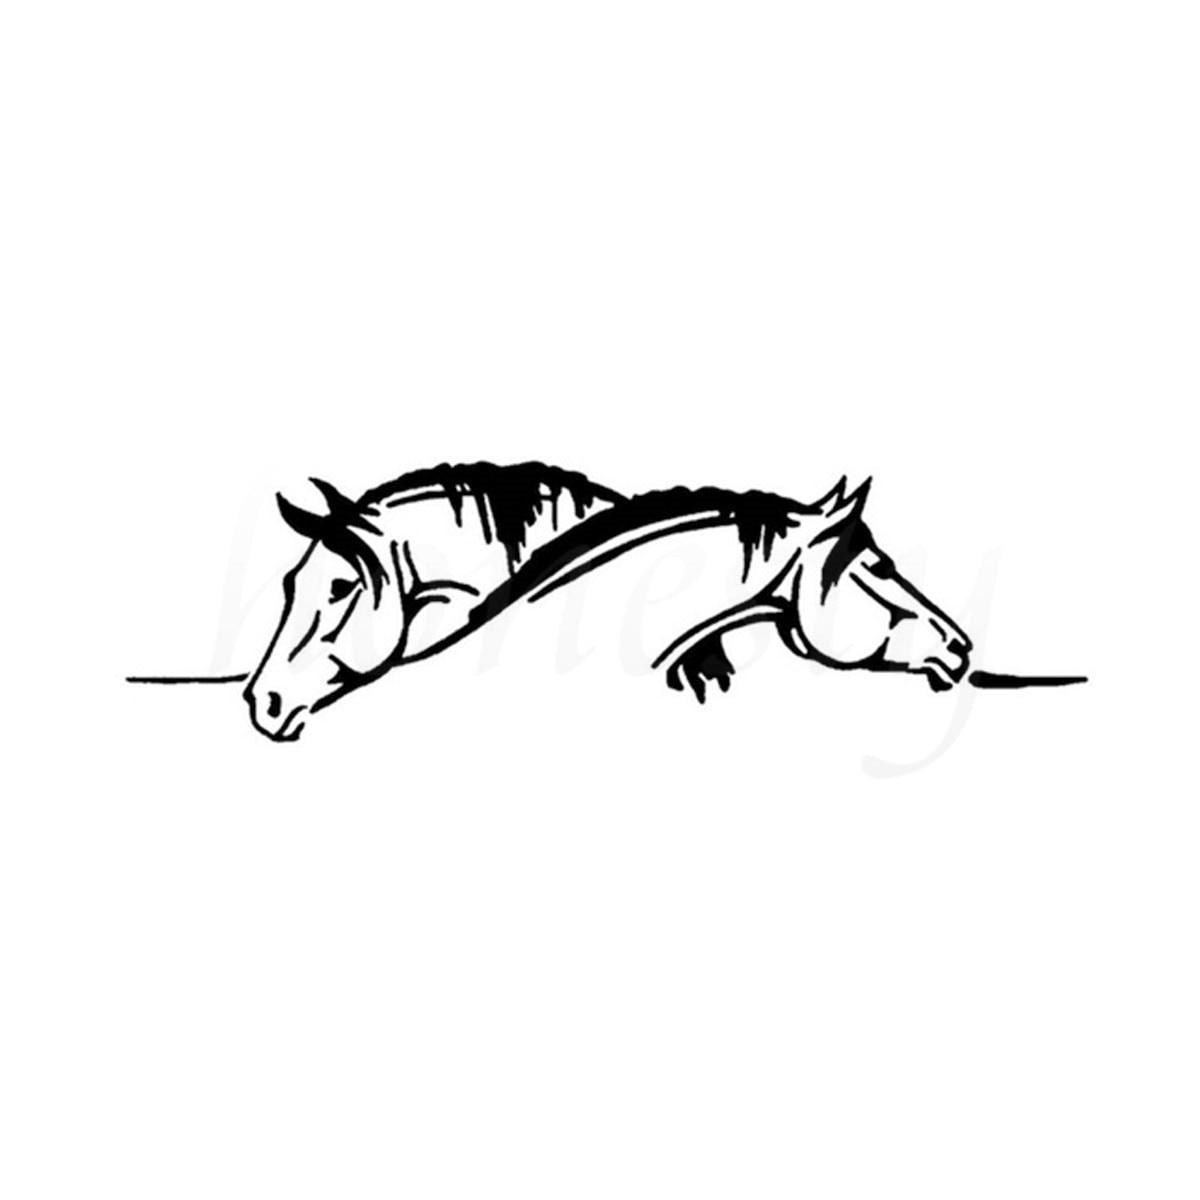 Paard Auto GraphicsKoop Goedkope Paard Auto Graphics Loten Van -  horse graphics for trucks